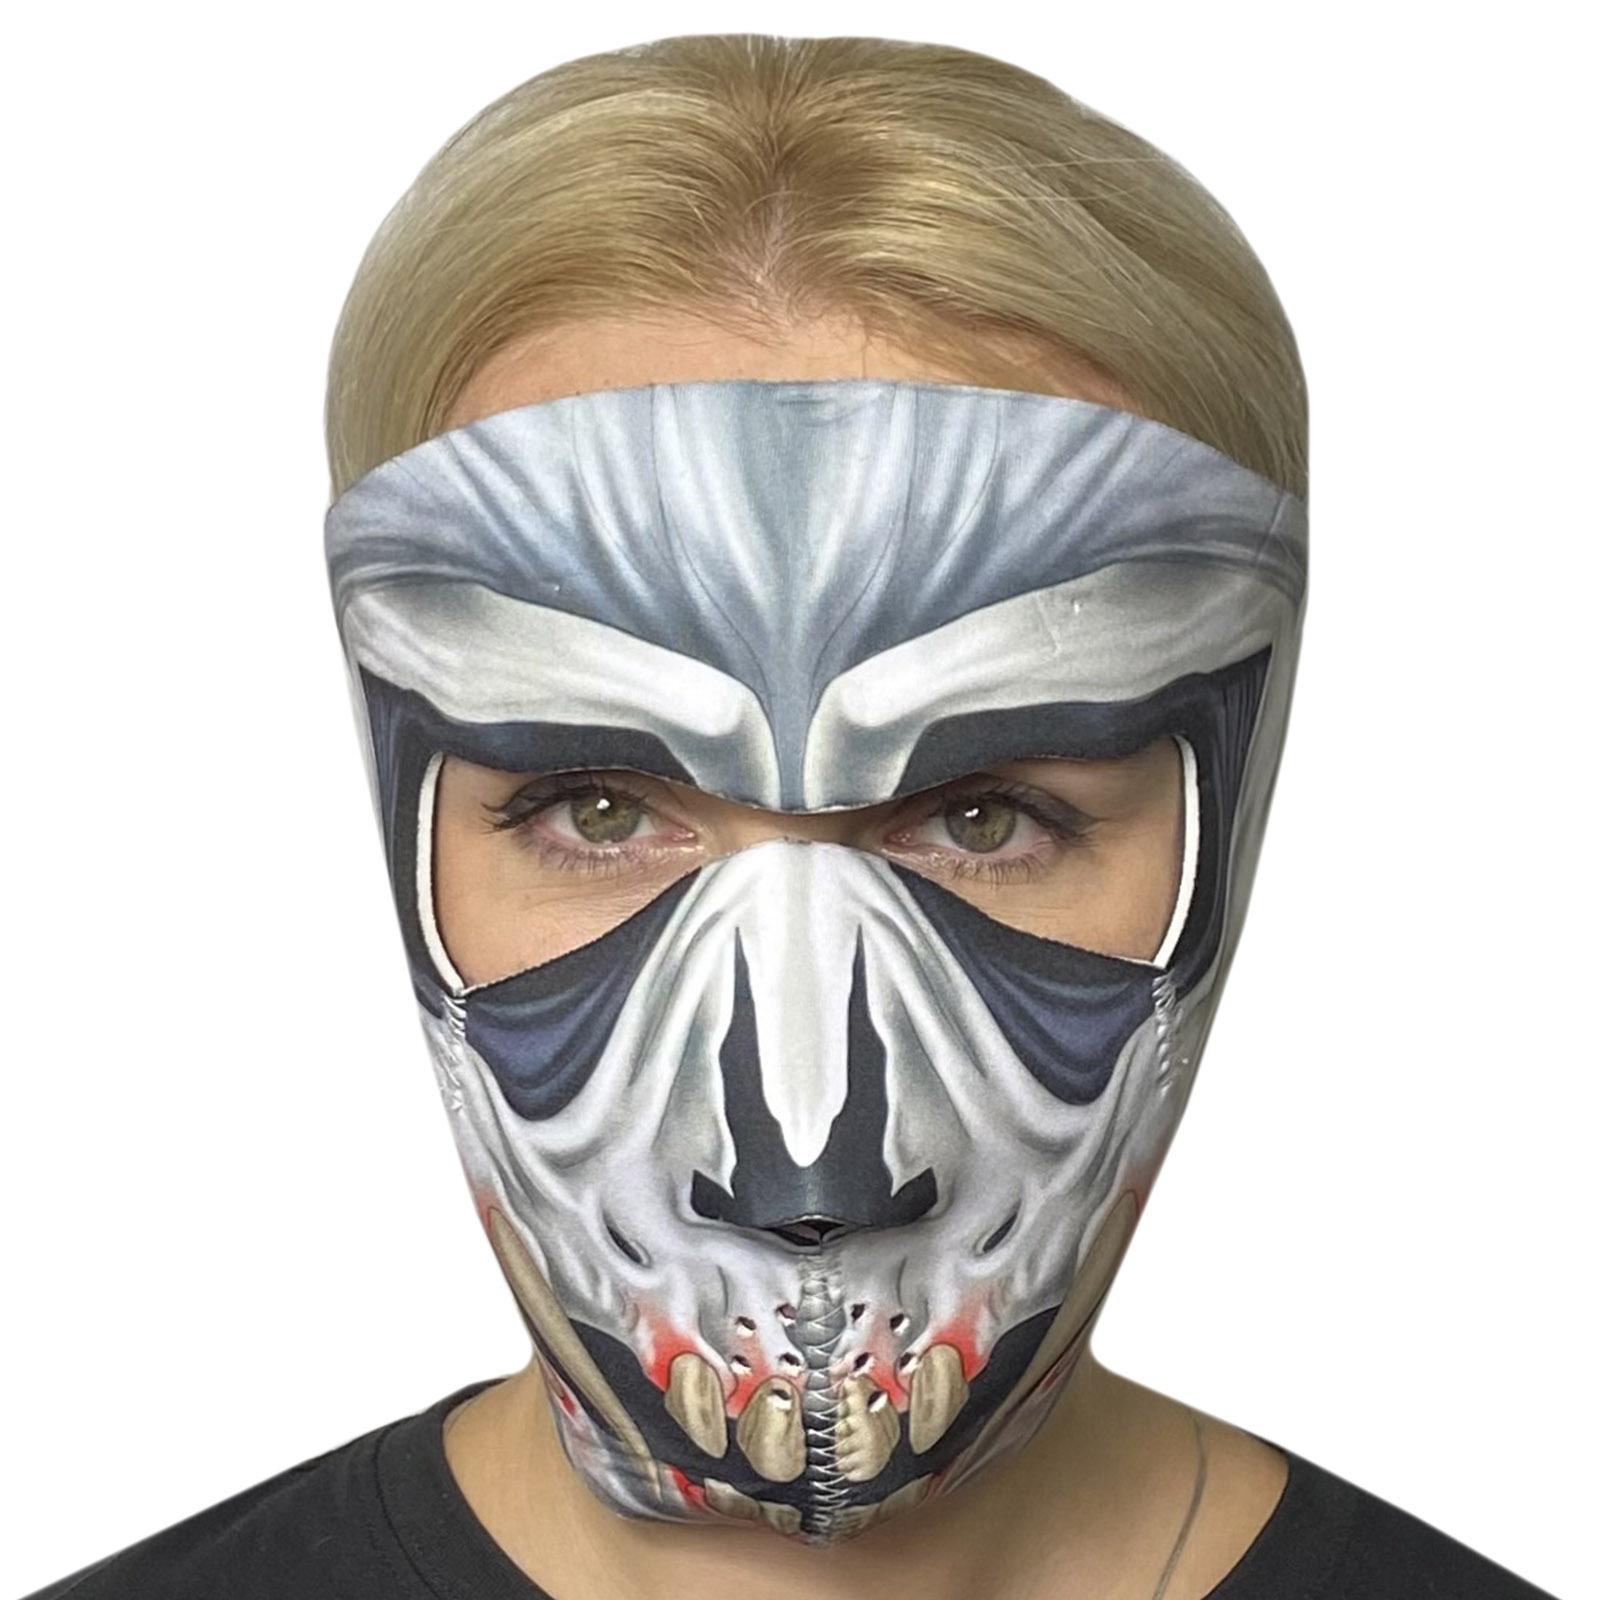 Антивирусная маска с крутым дизайном Wild Wear Soul Reaver